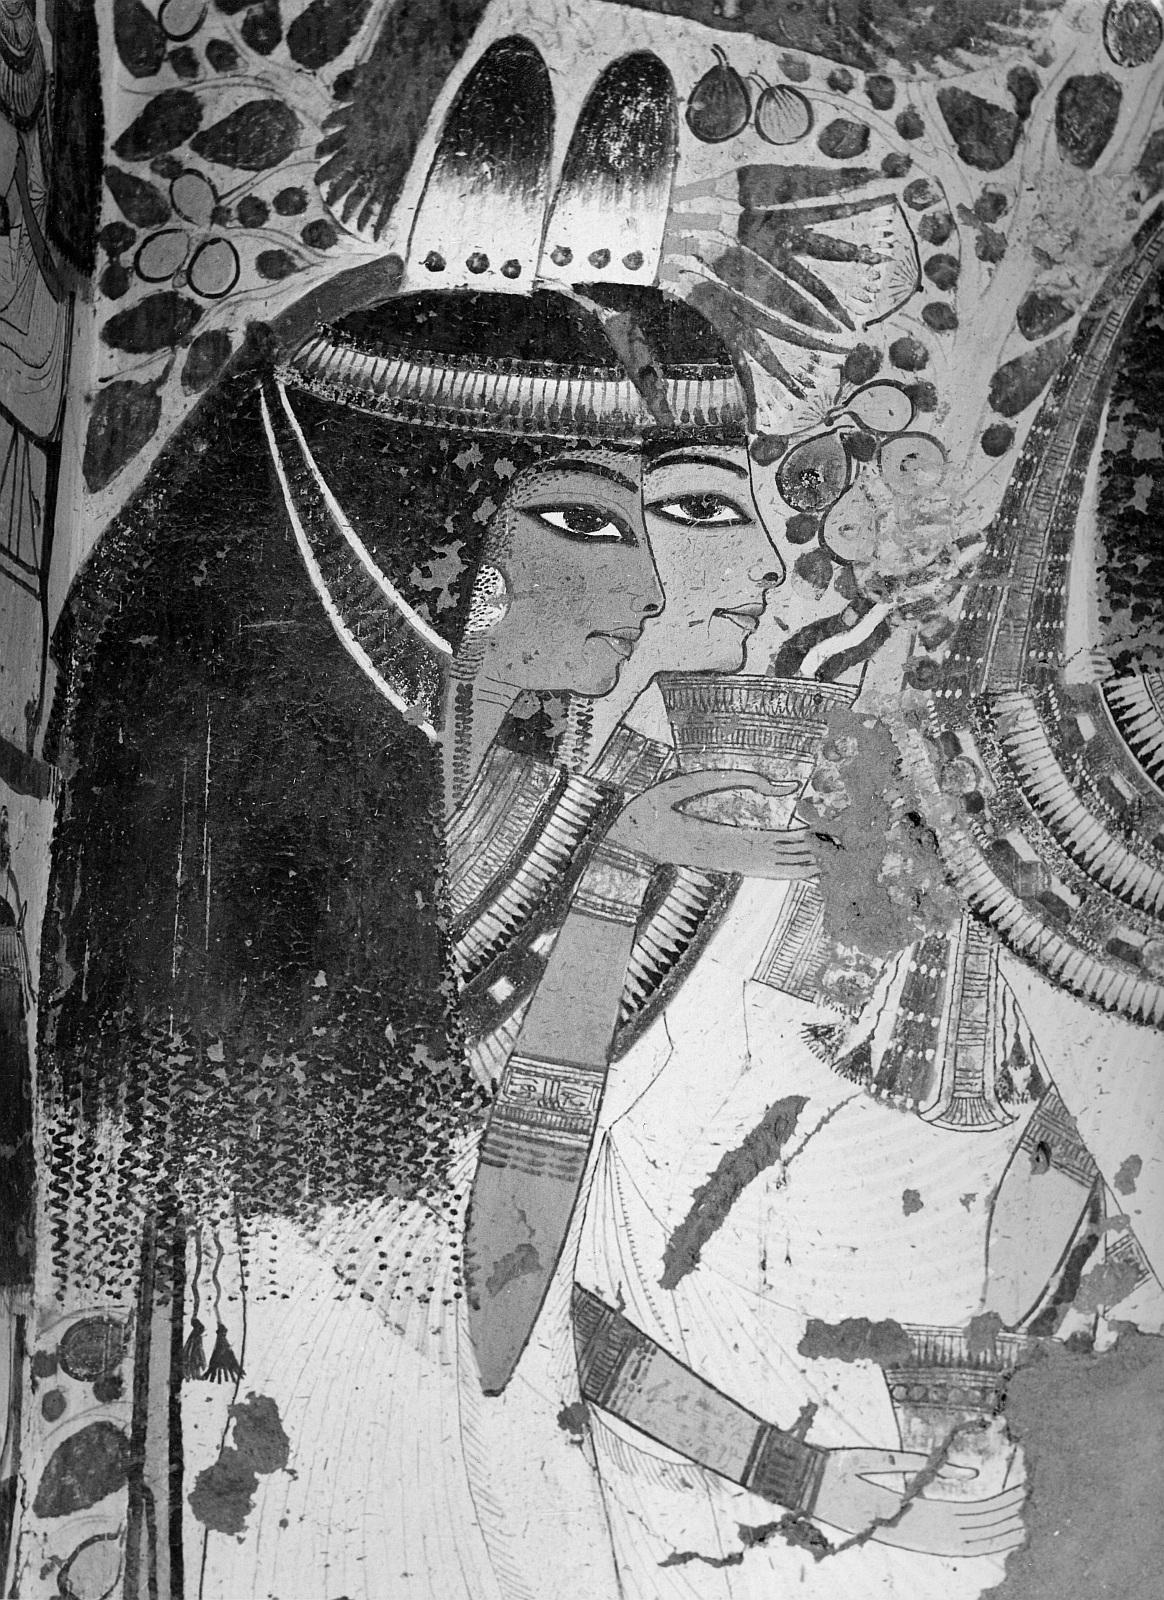 Шейх Абд эль-Гурна. Гробница древнеегипетскго чиновника Усерхета (No.51). Поперечный зал, северная сторона